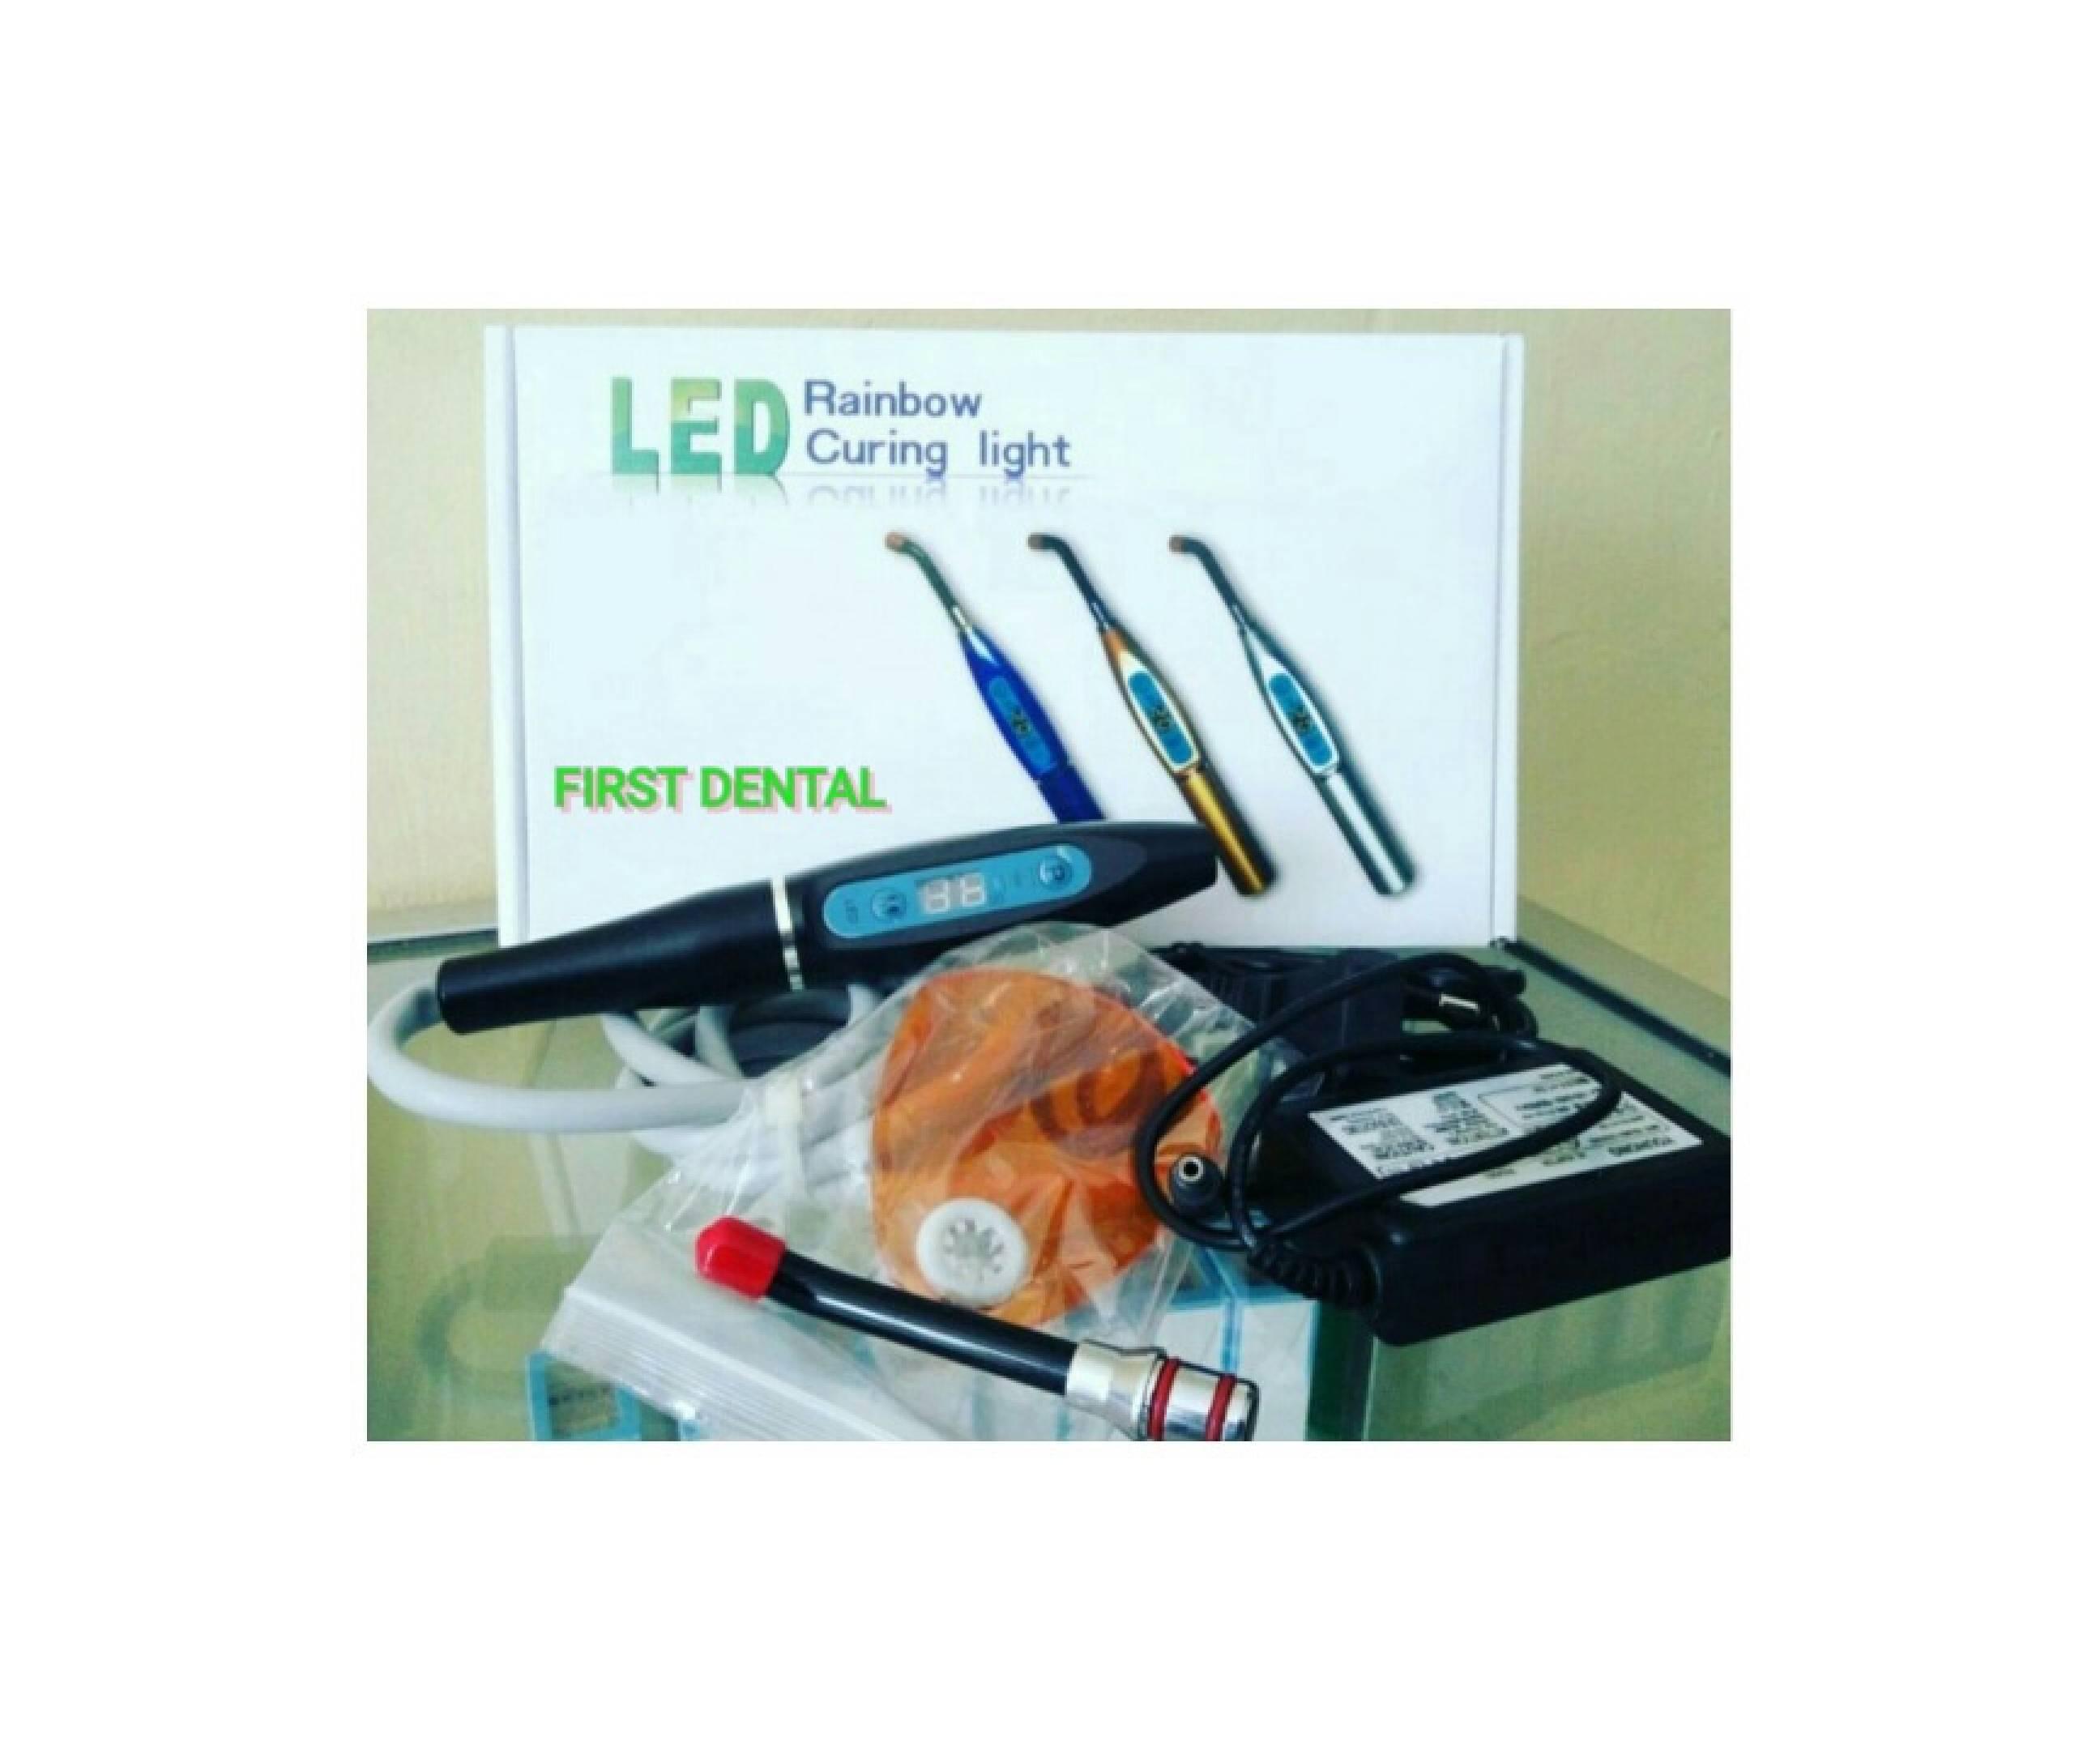 Daftar Harga Biaya Pemutihan Gigi Laser Terbaru Barang Behel Led Rainbow Light Cure Lem Kawat Dental Curing Sambung Unit